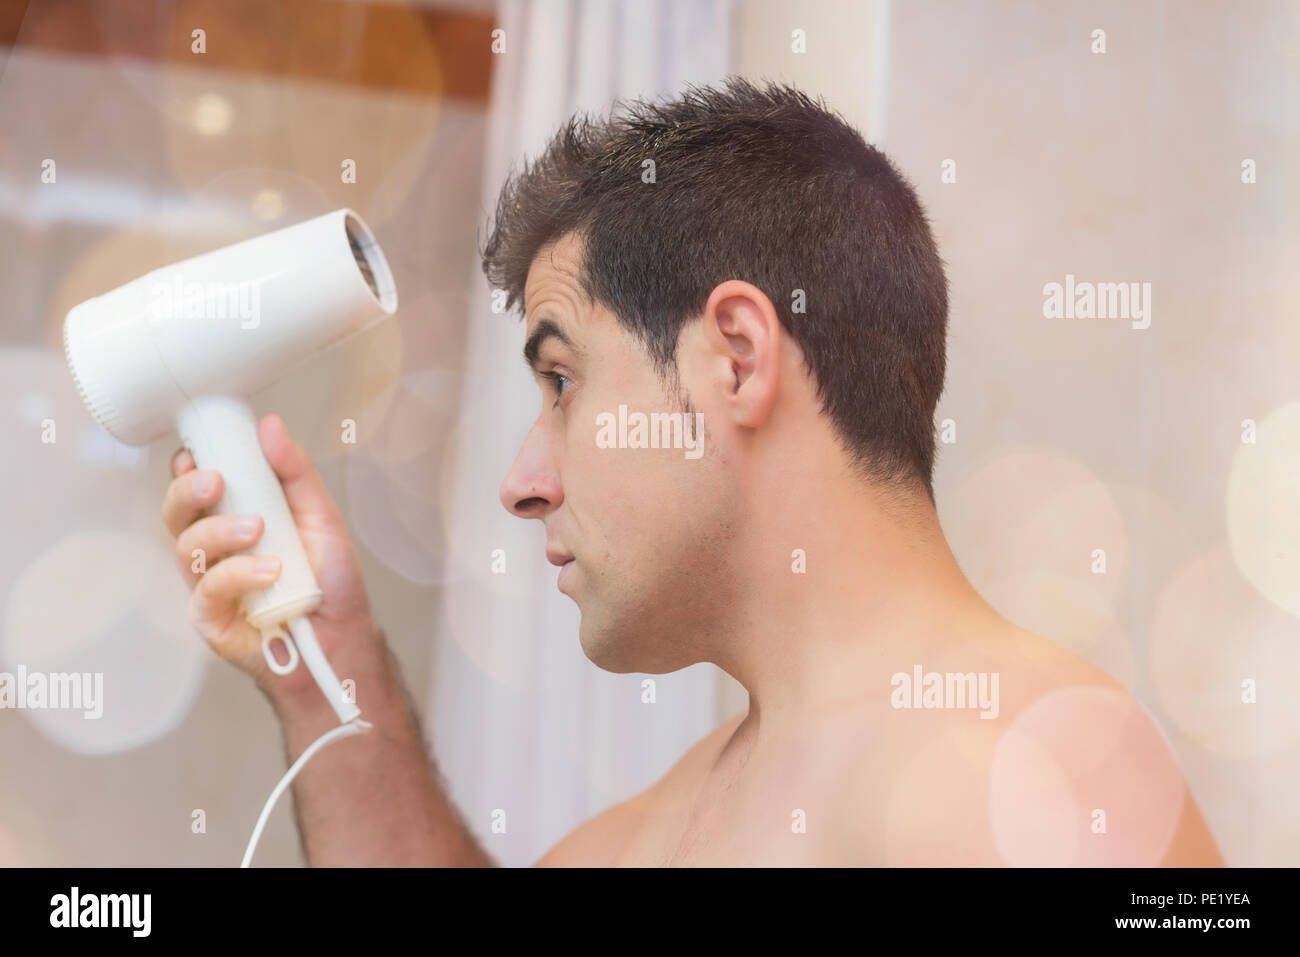 Guapo secar su cabello con un secador de pelo. Concepto de la belleza y el cuidado del hombre Imagen De Stock